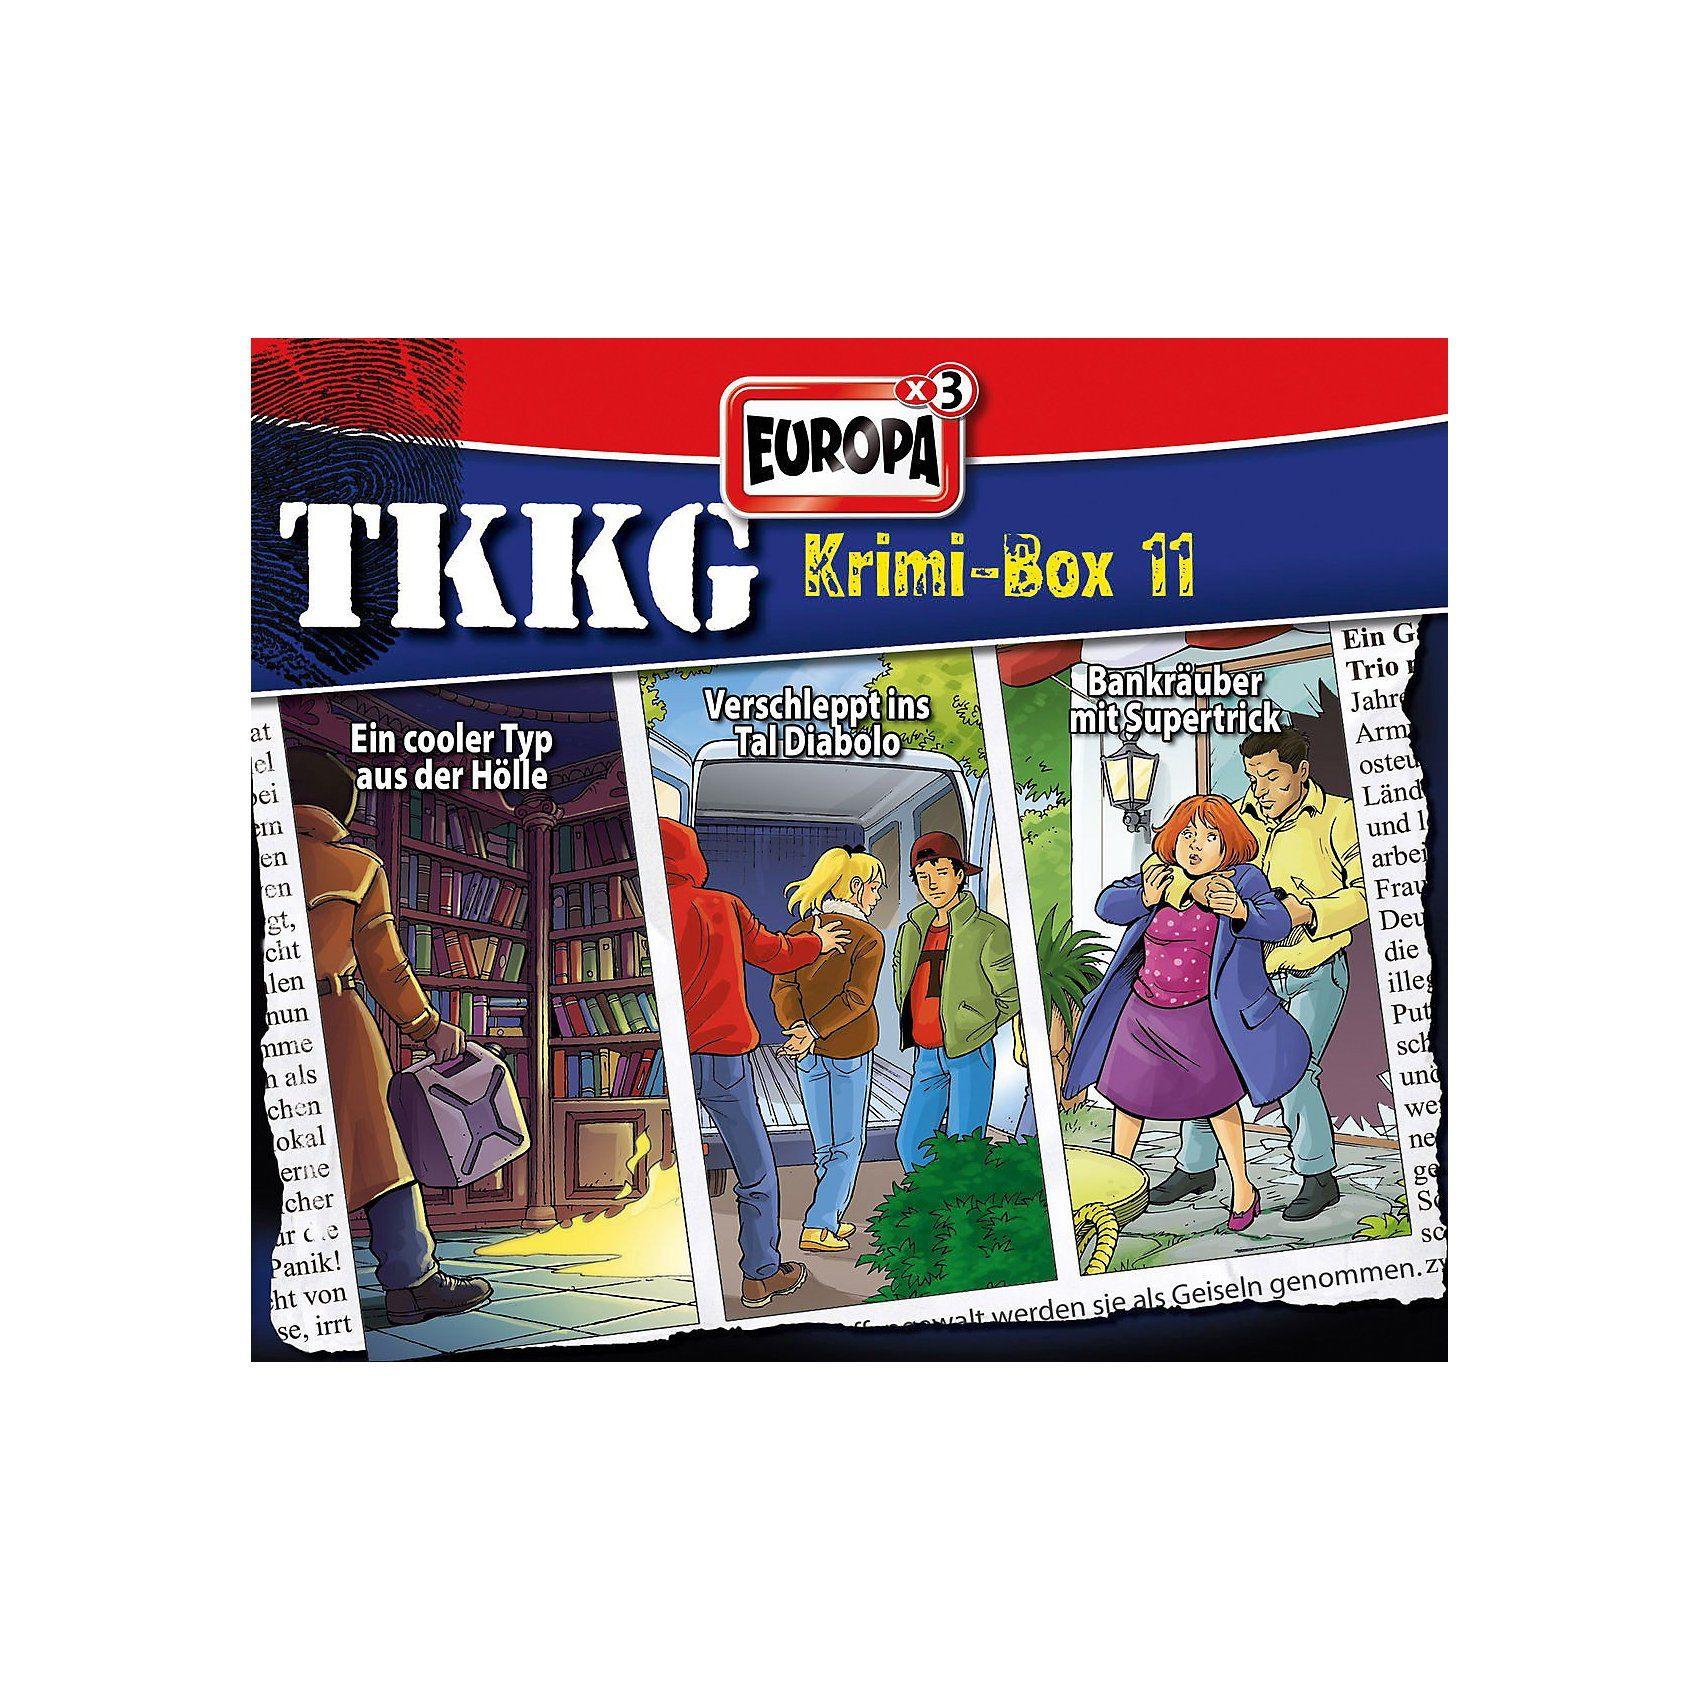 Sony CD TKKG - Krimi-Box 11